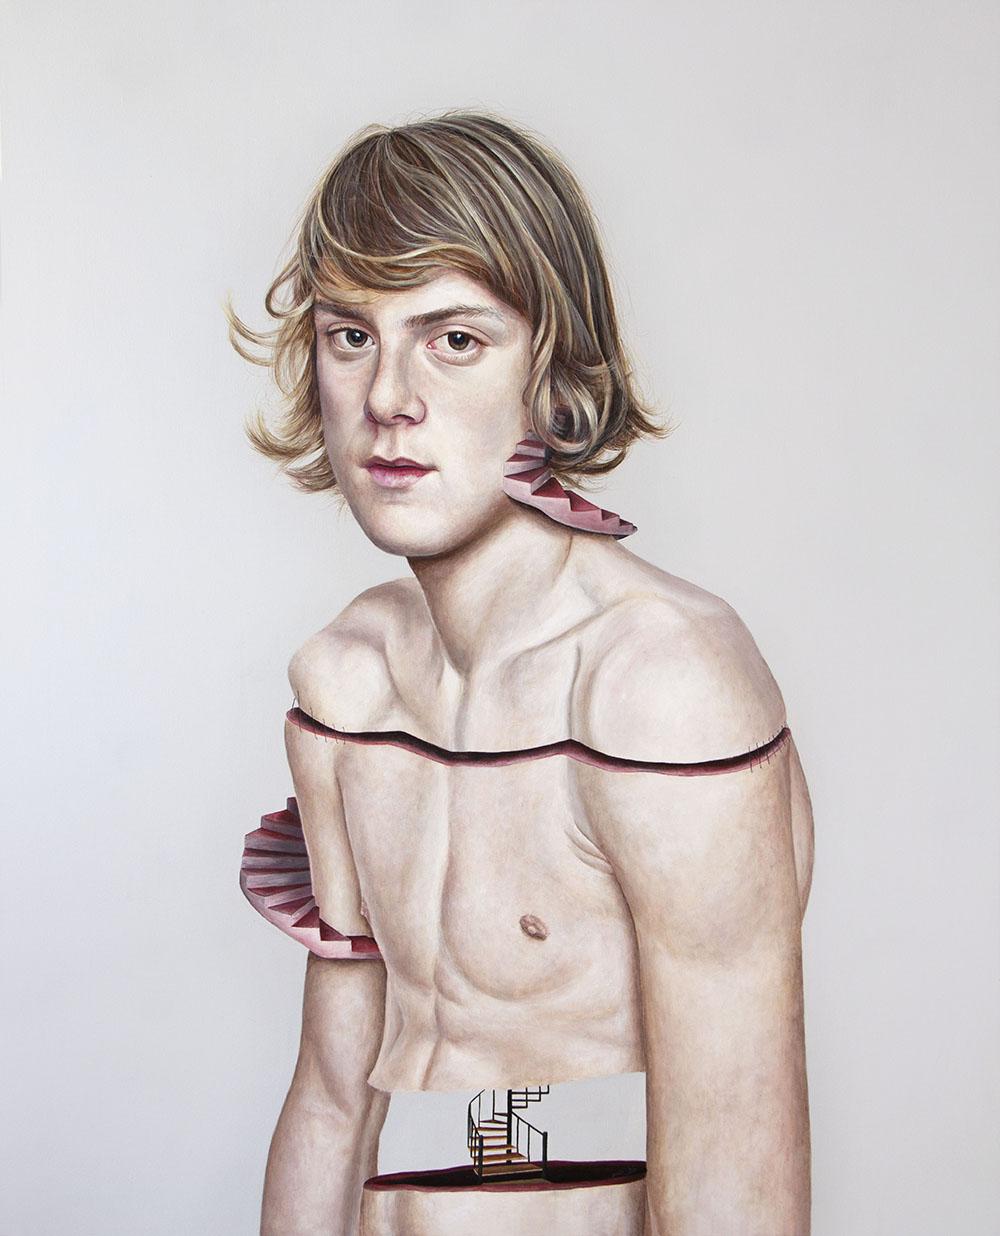 Secuelas, 02. Acrílico sobre lienzo. 125 x 100 cm. 2013